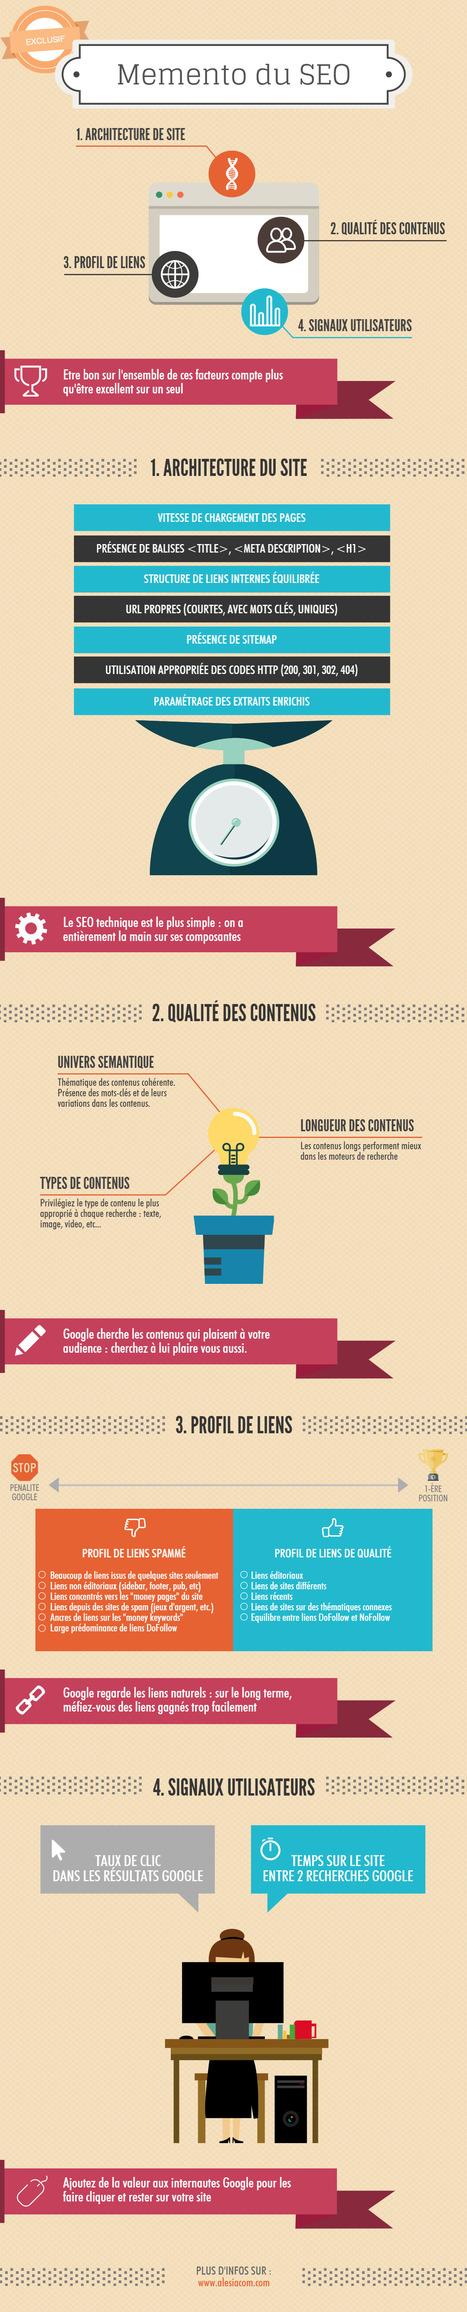 Infographie : Le momento SEO - Actualité Abondance | eTourisme institutionnel | Scoop.it